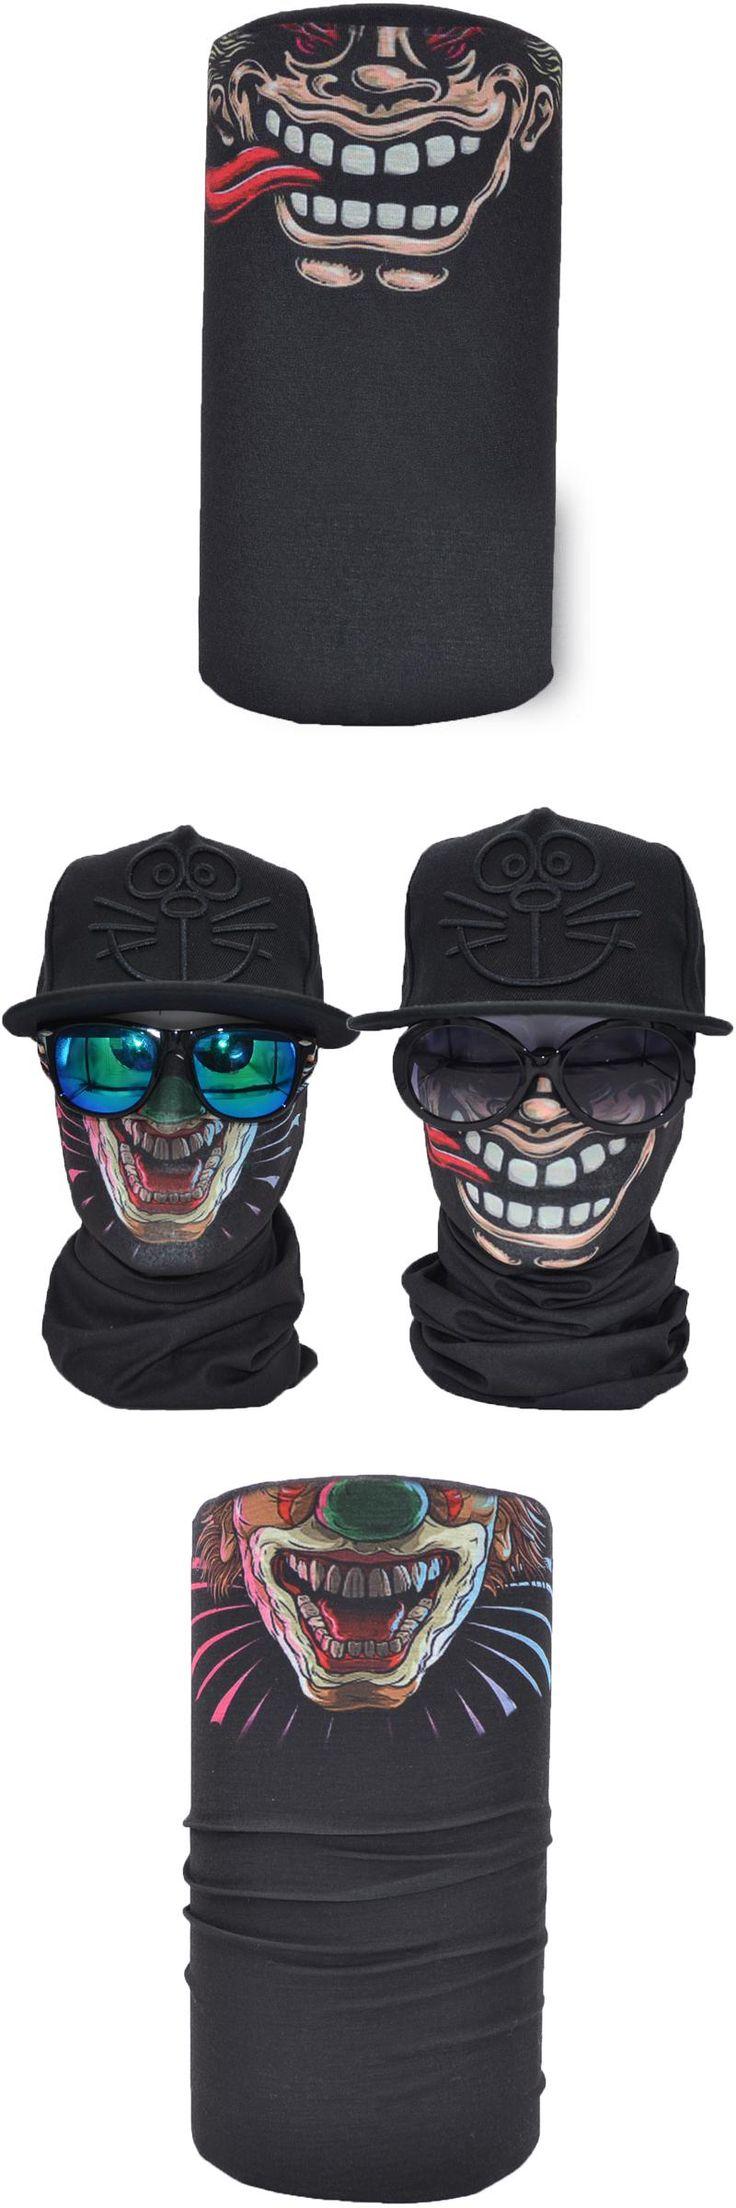 Half Face Mask Winter Warmer 2PCS Bandana Balaclava With Joker